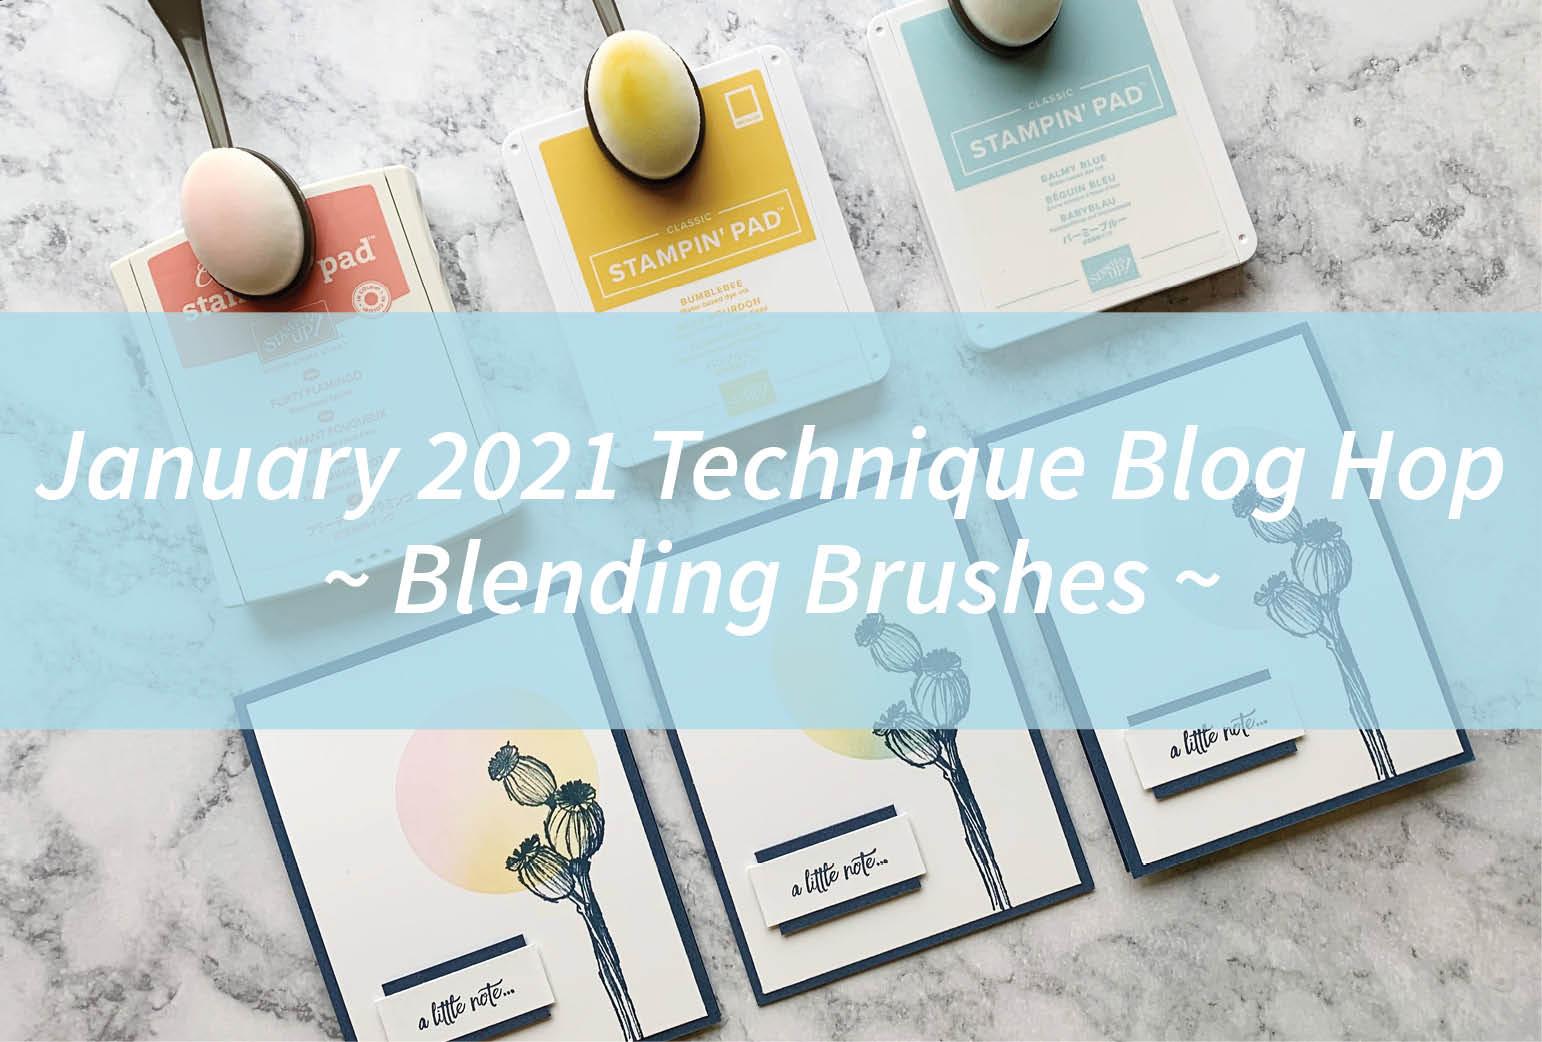 January 2021 Technique Blog Hop – Blending Brushes